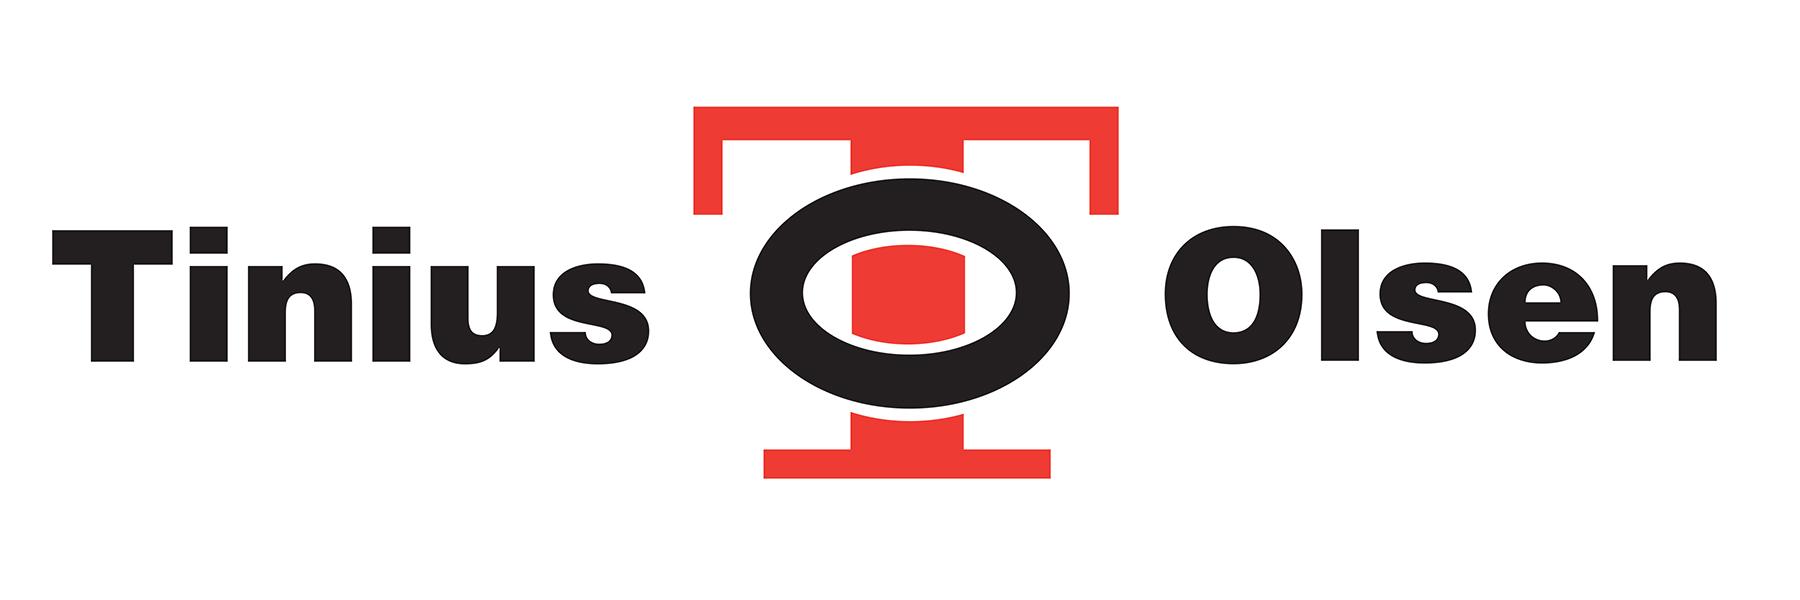 Tinius Olsen Ltd